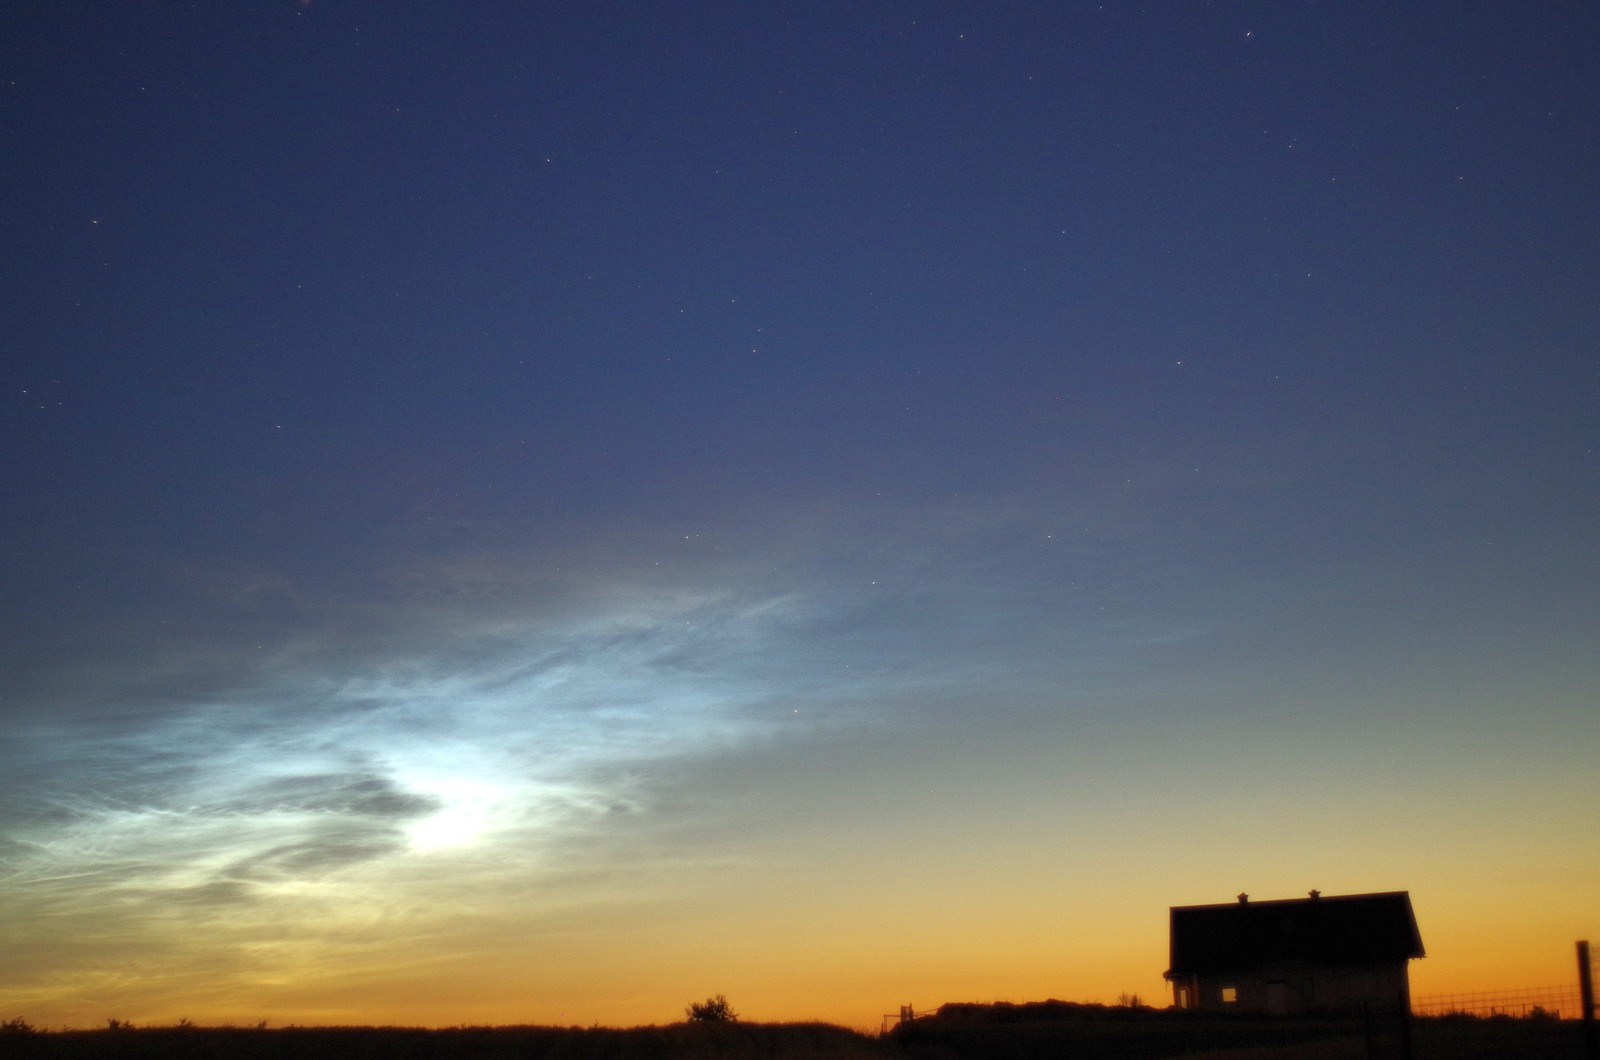 obłoki sprebrzyste i kometa07.jpg